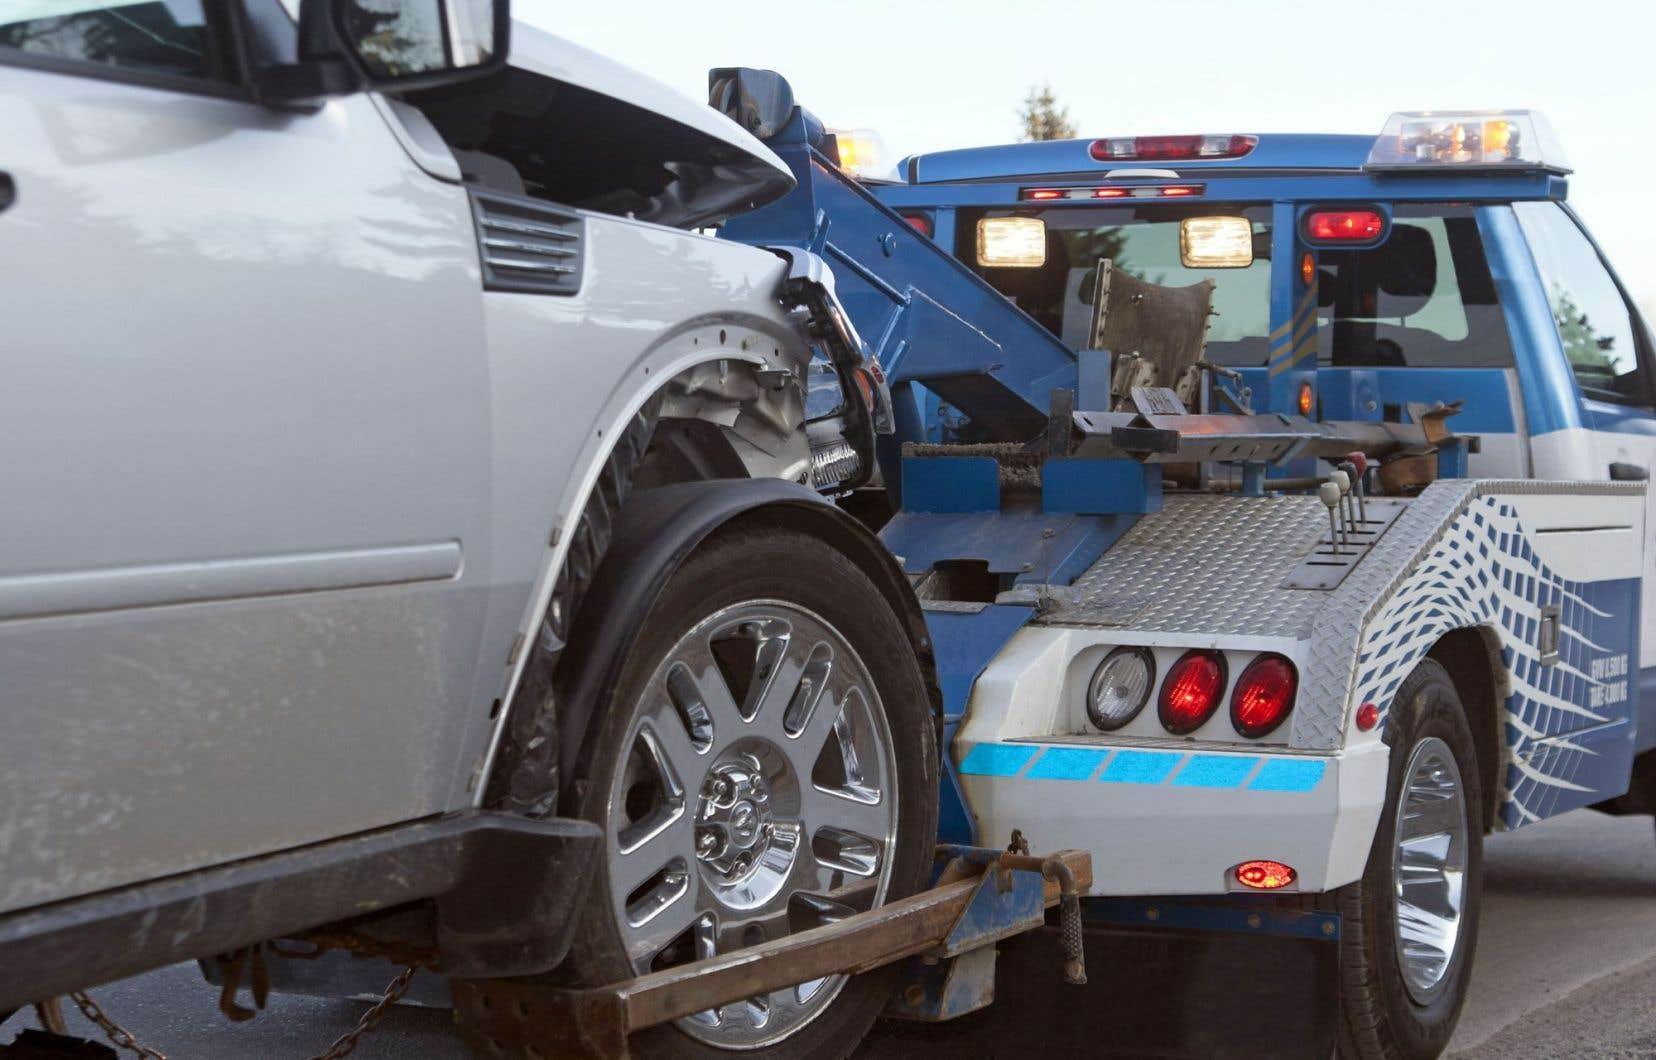 Selon le Bureau de l'inspecteur général, le crime organisé s'est emparé en quelques mois du secteur très lucratif du remorquage de voitures accidentées à Montréal.